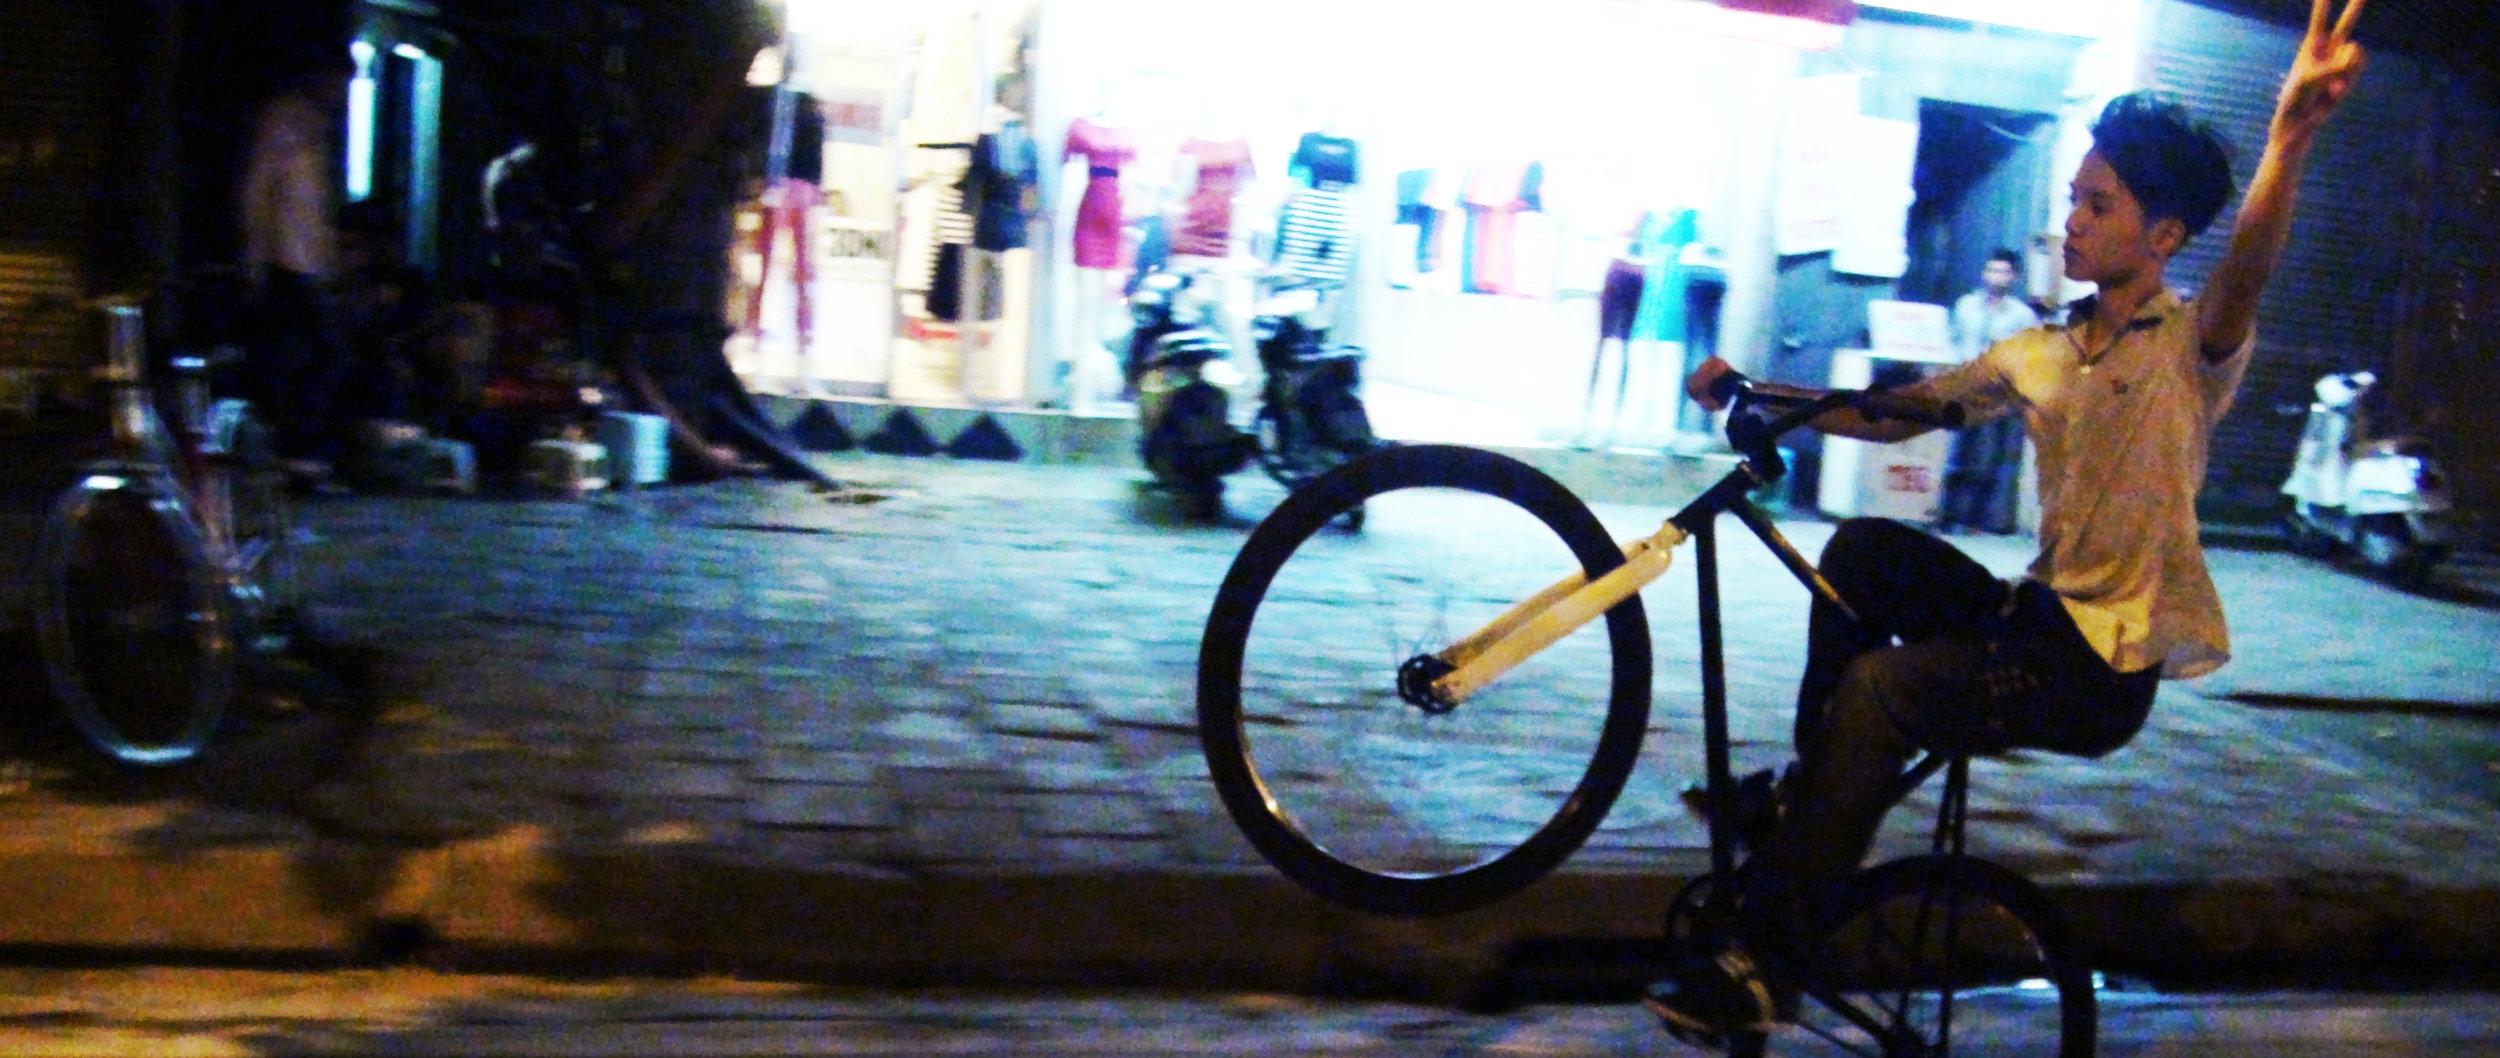 Garçon à vélo dans les rues de Hanoi. Crédit : A. Miquet, 2013